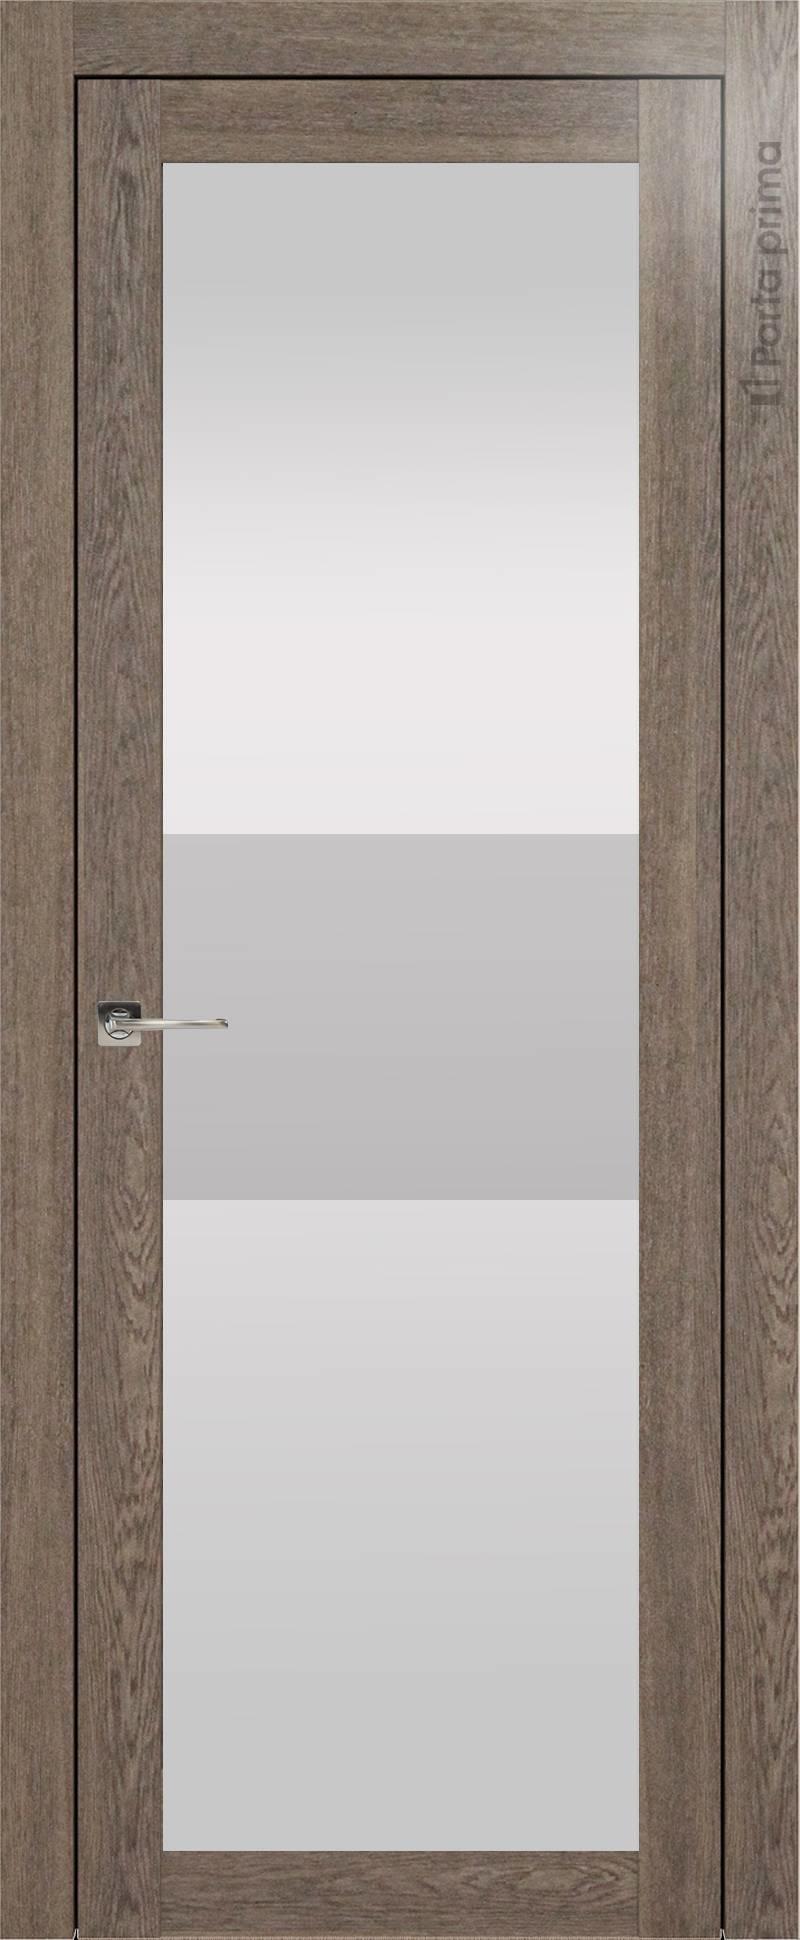 Tivoli З-4 цвет - Дуб антик Со стеклом (ДО)